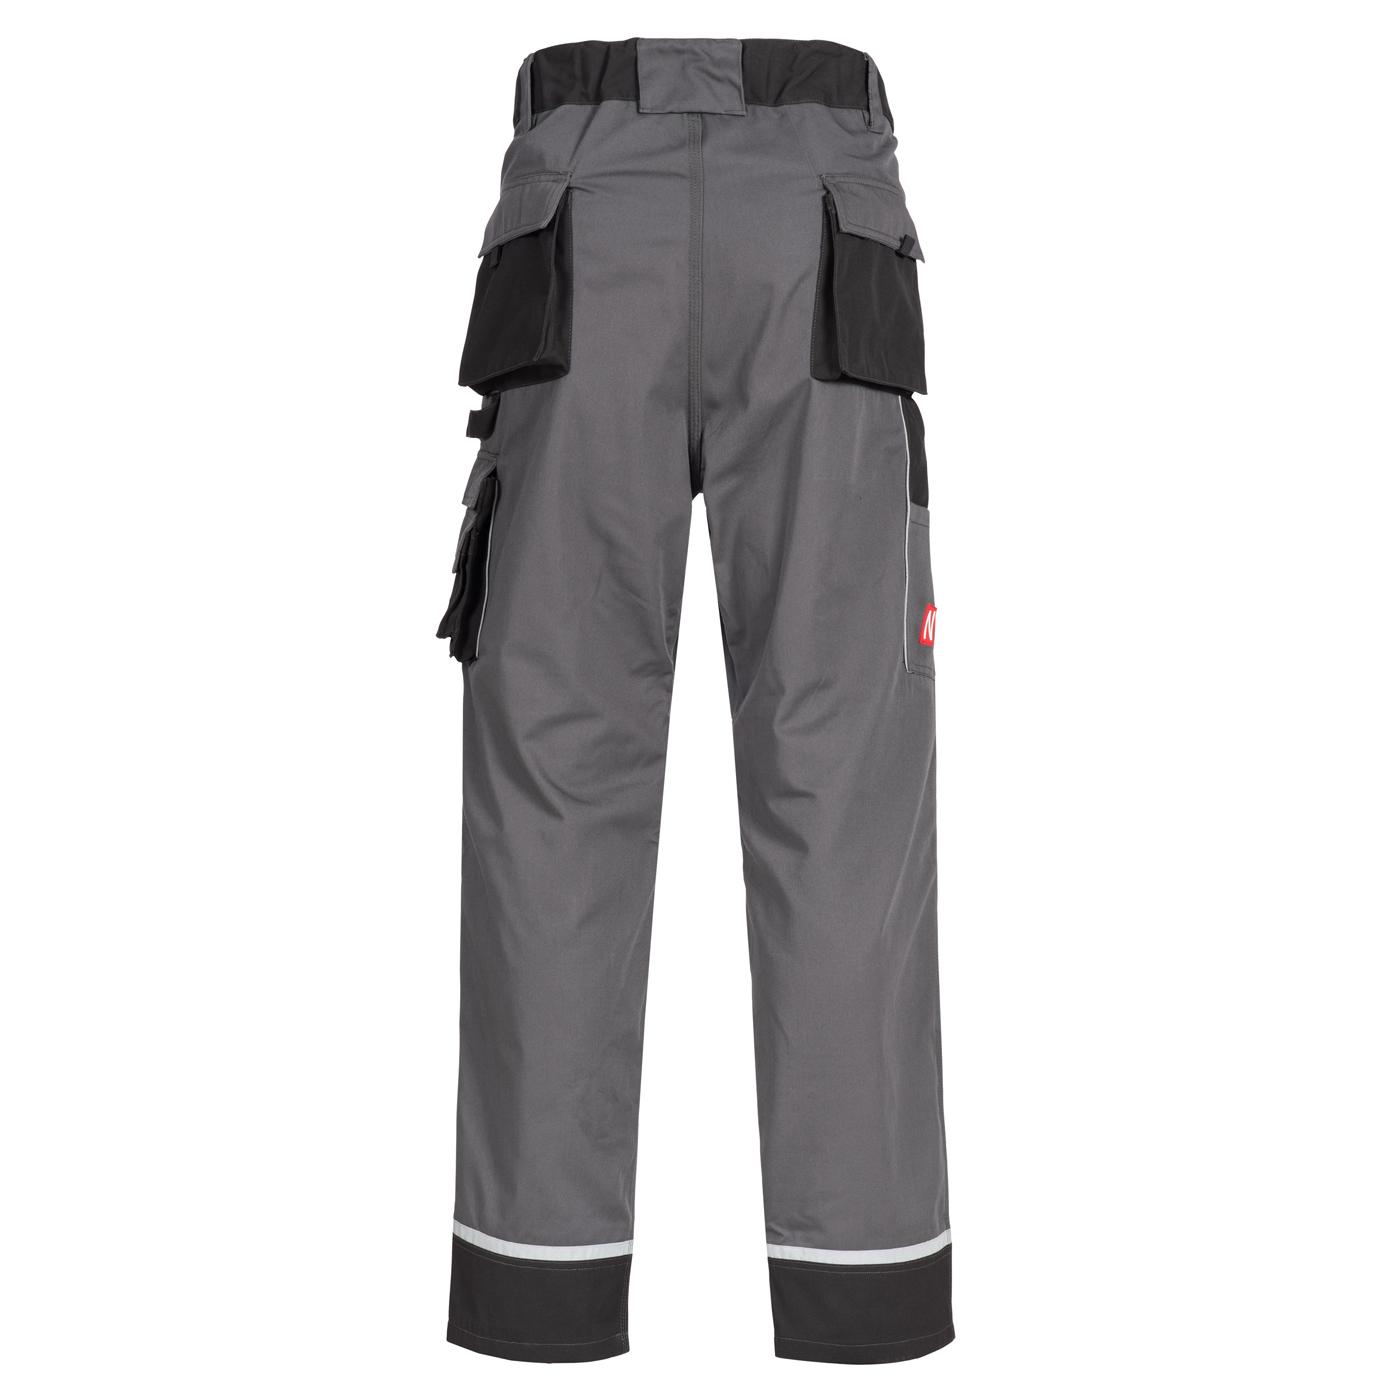 Spodnie robocze Nitras 7612